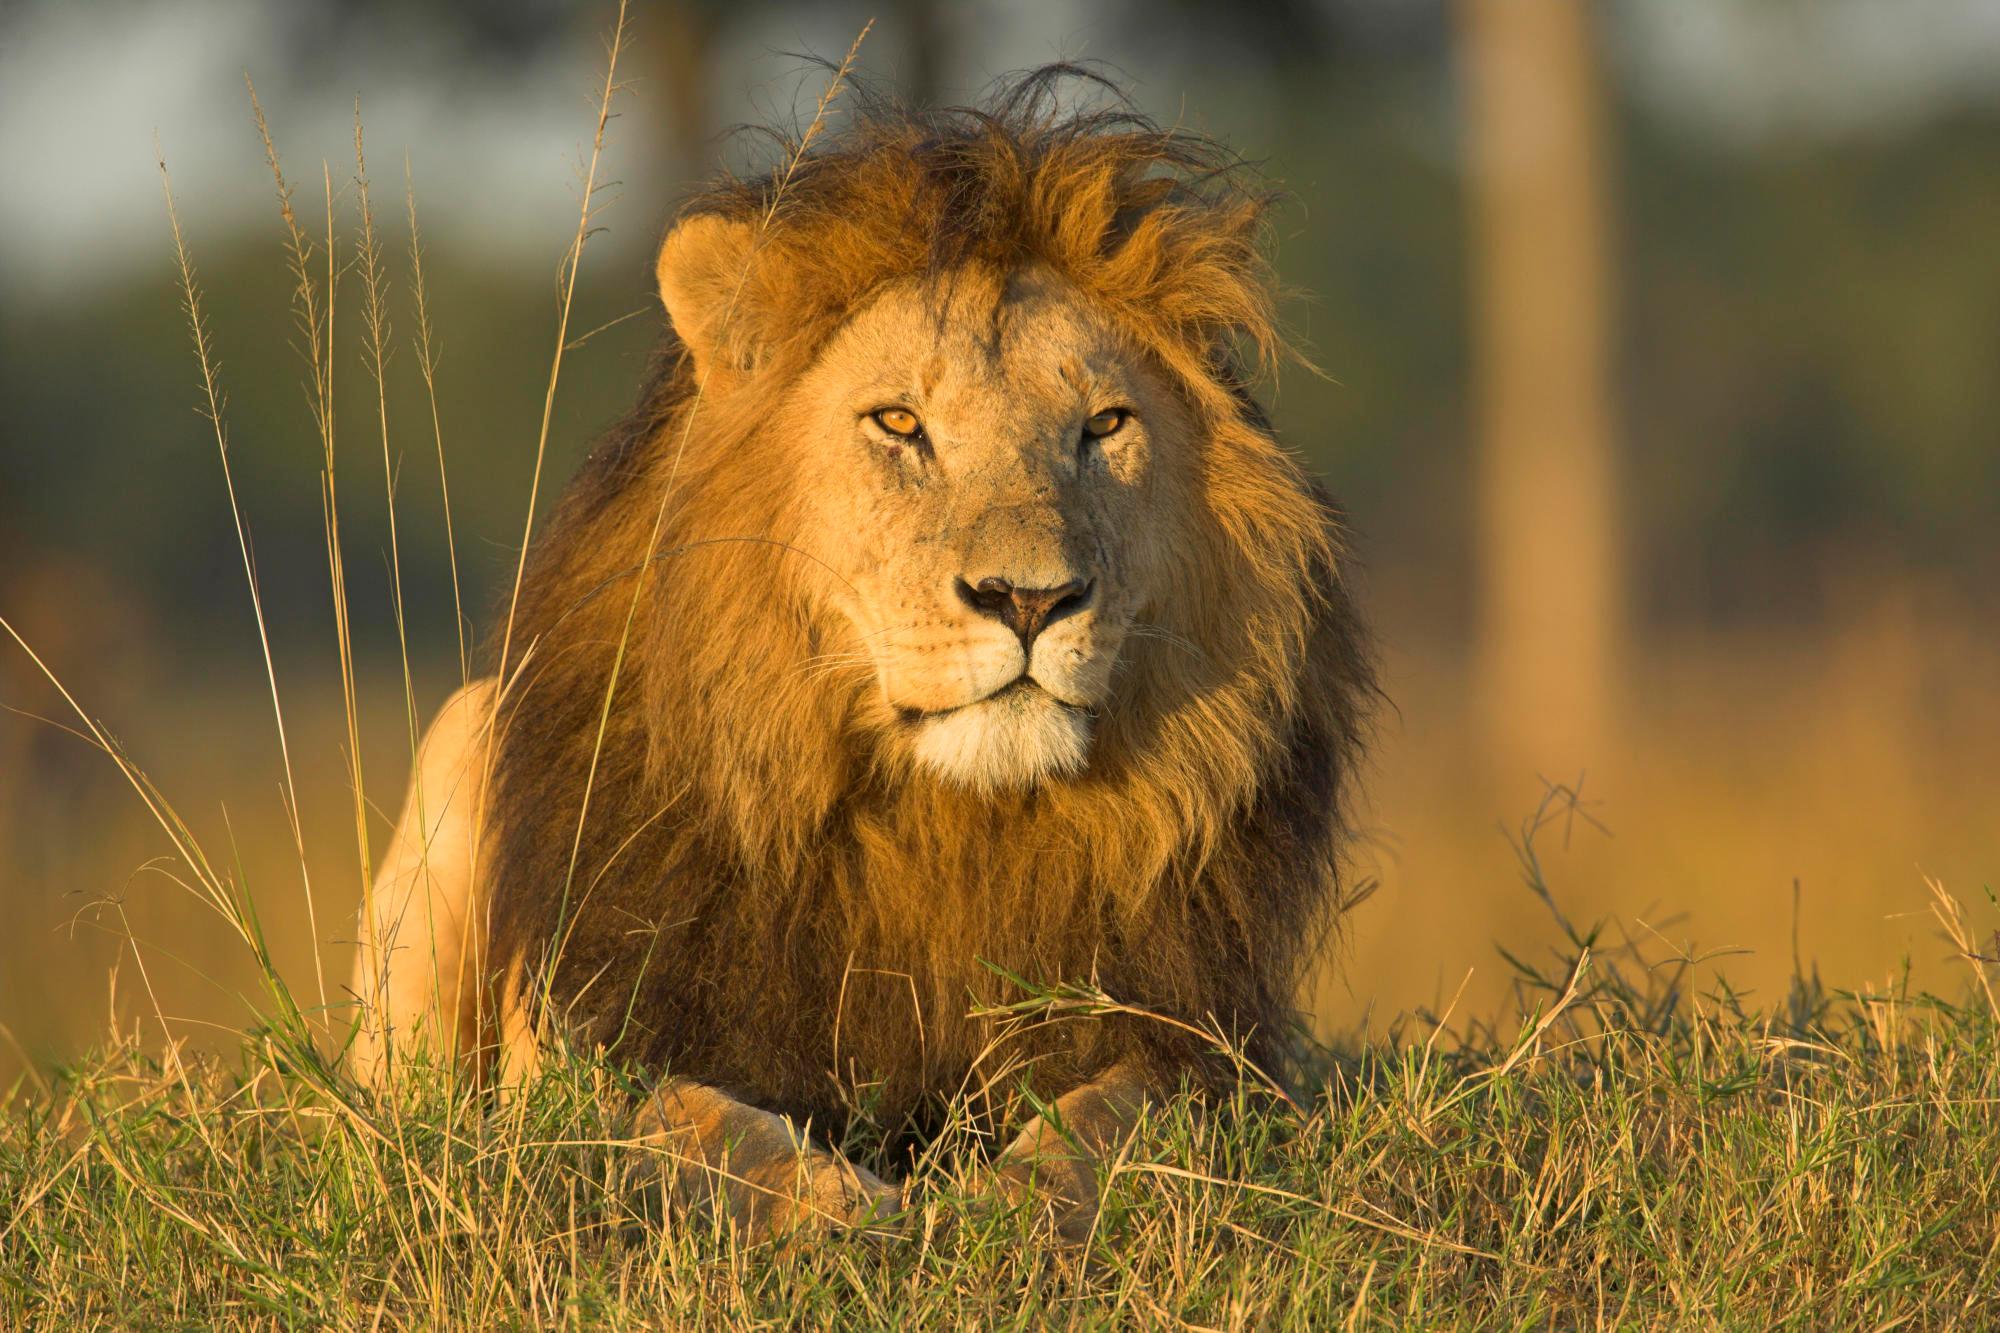 Fond d cran lion for Immagini leone hd